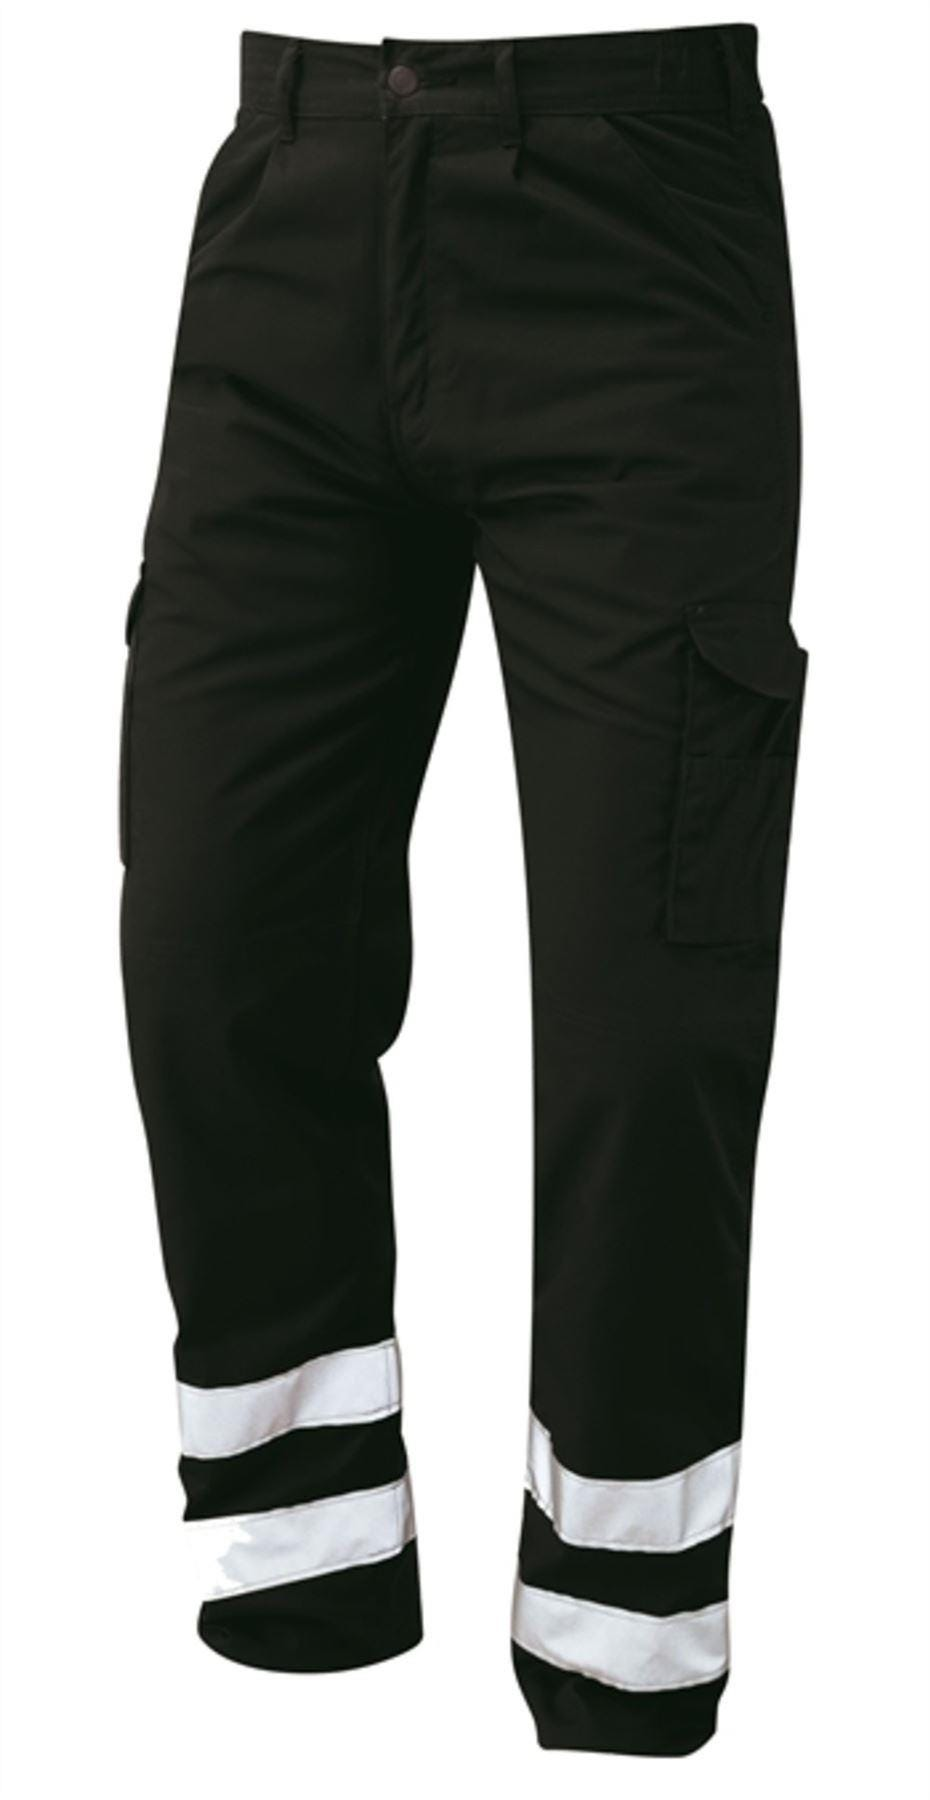 Orn Condor Hi Vis Kneepad Trousers - Black|52W35L